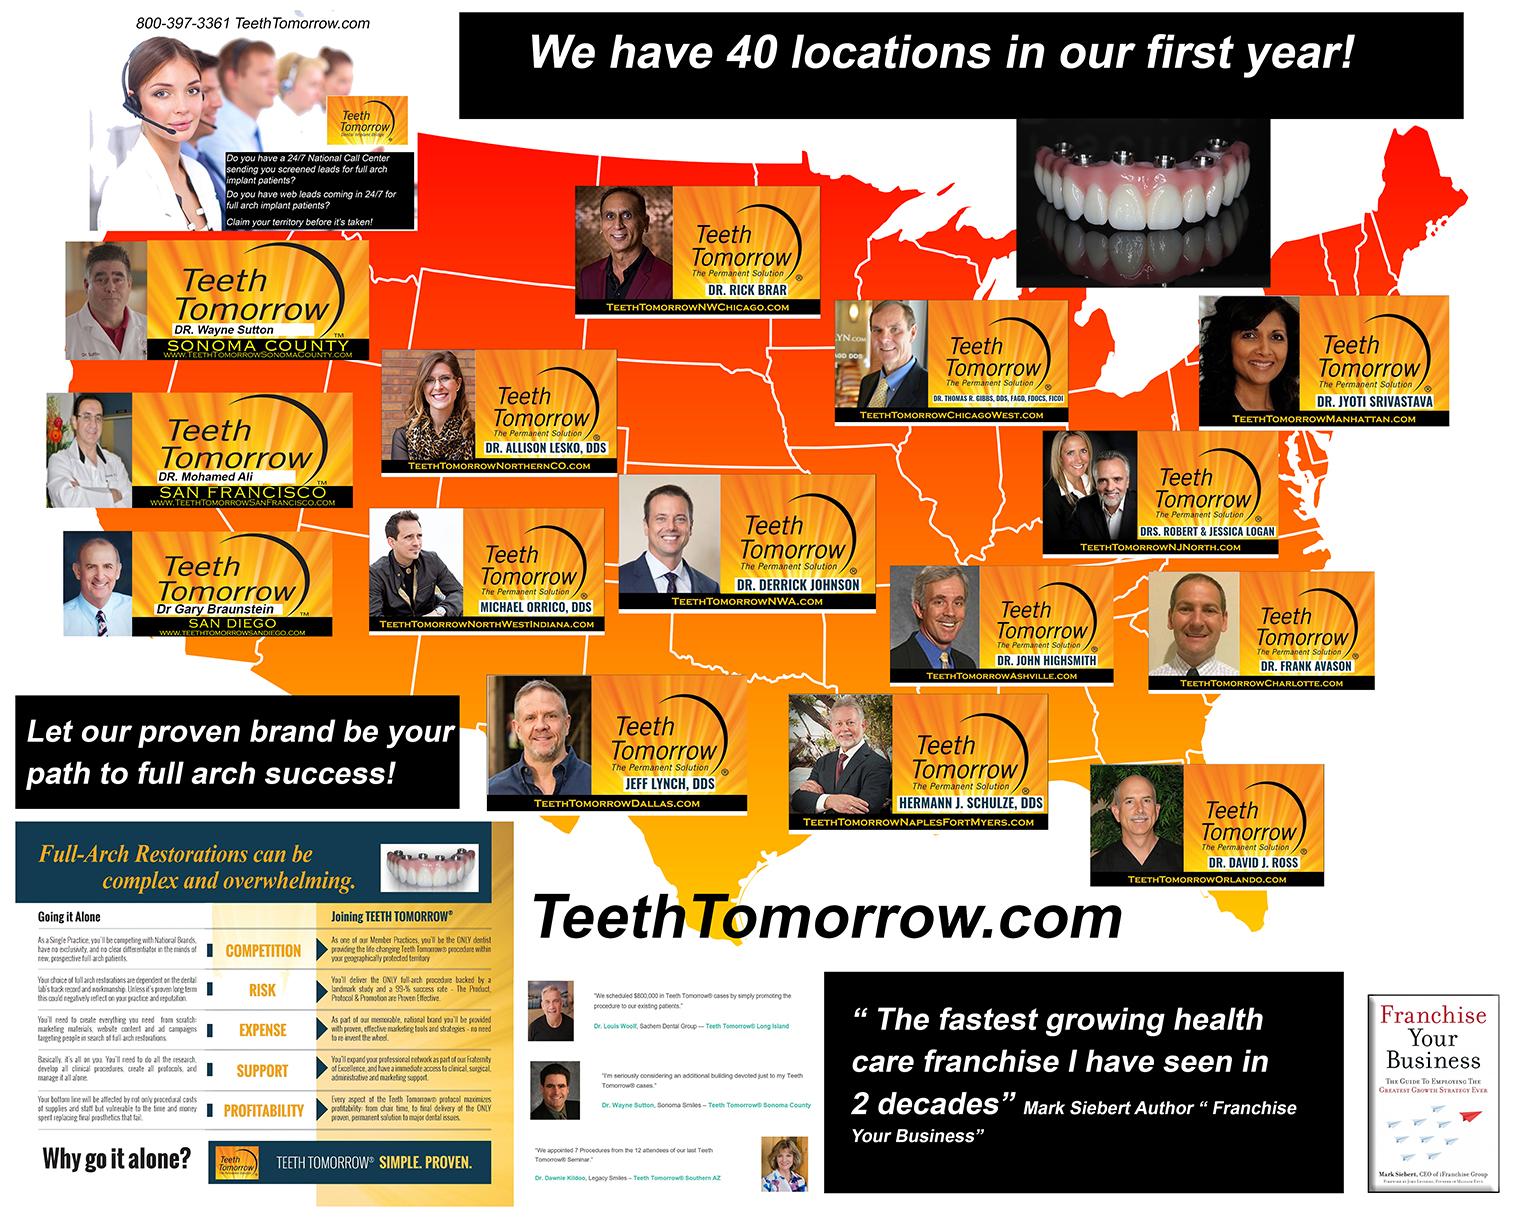 teeth-tomorrow-40-locations-first-year